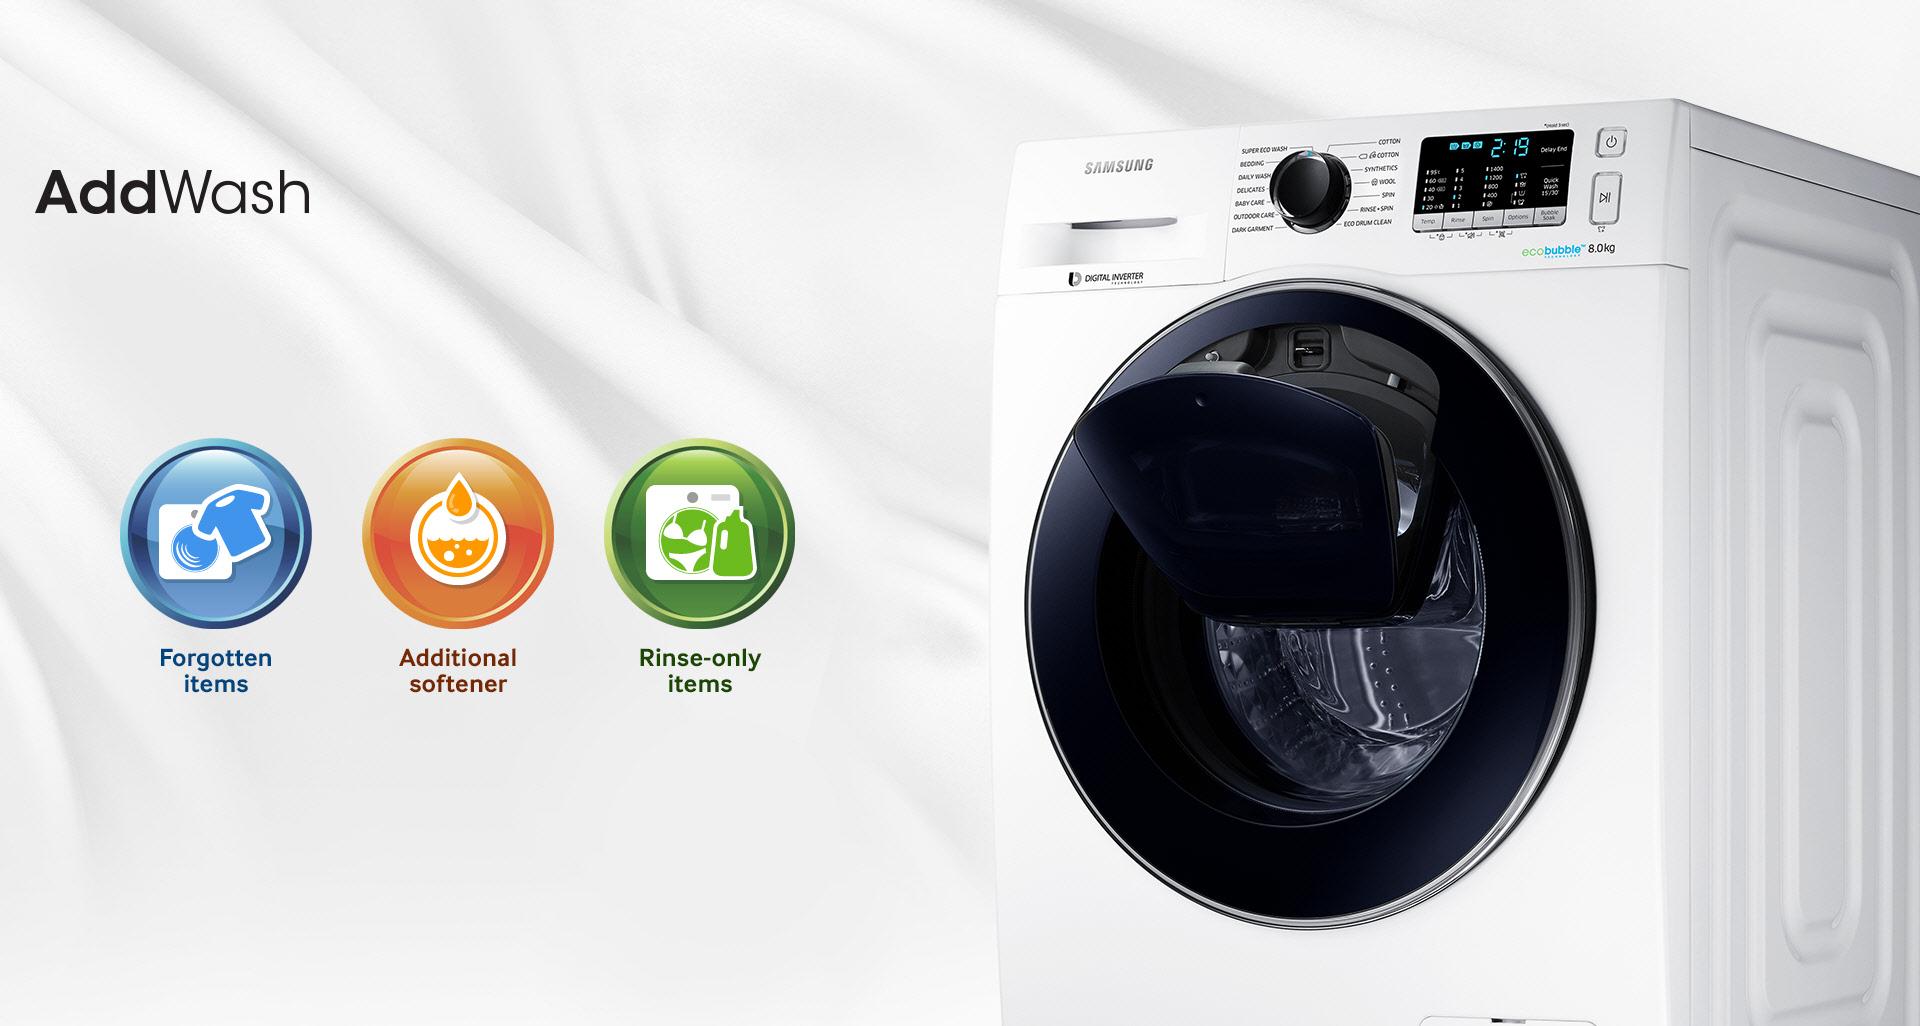 Samsung'tan Akıllı Çamaşır Makinesi: AddWash